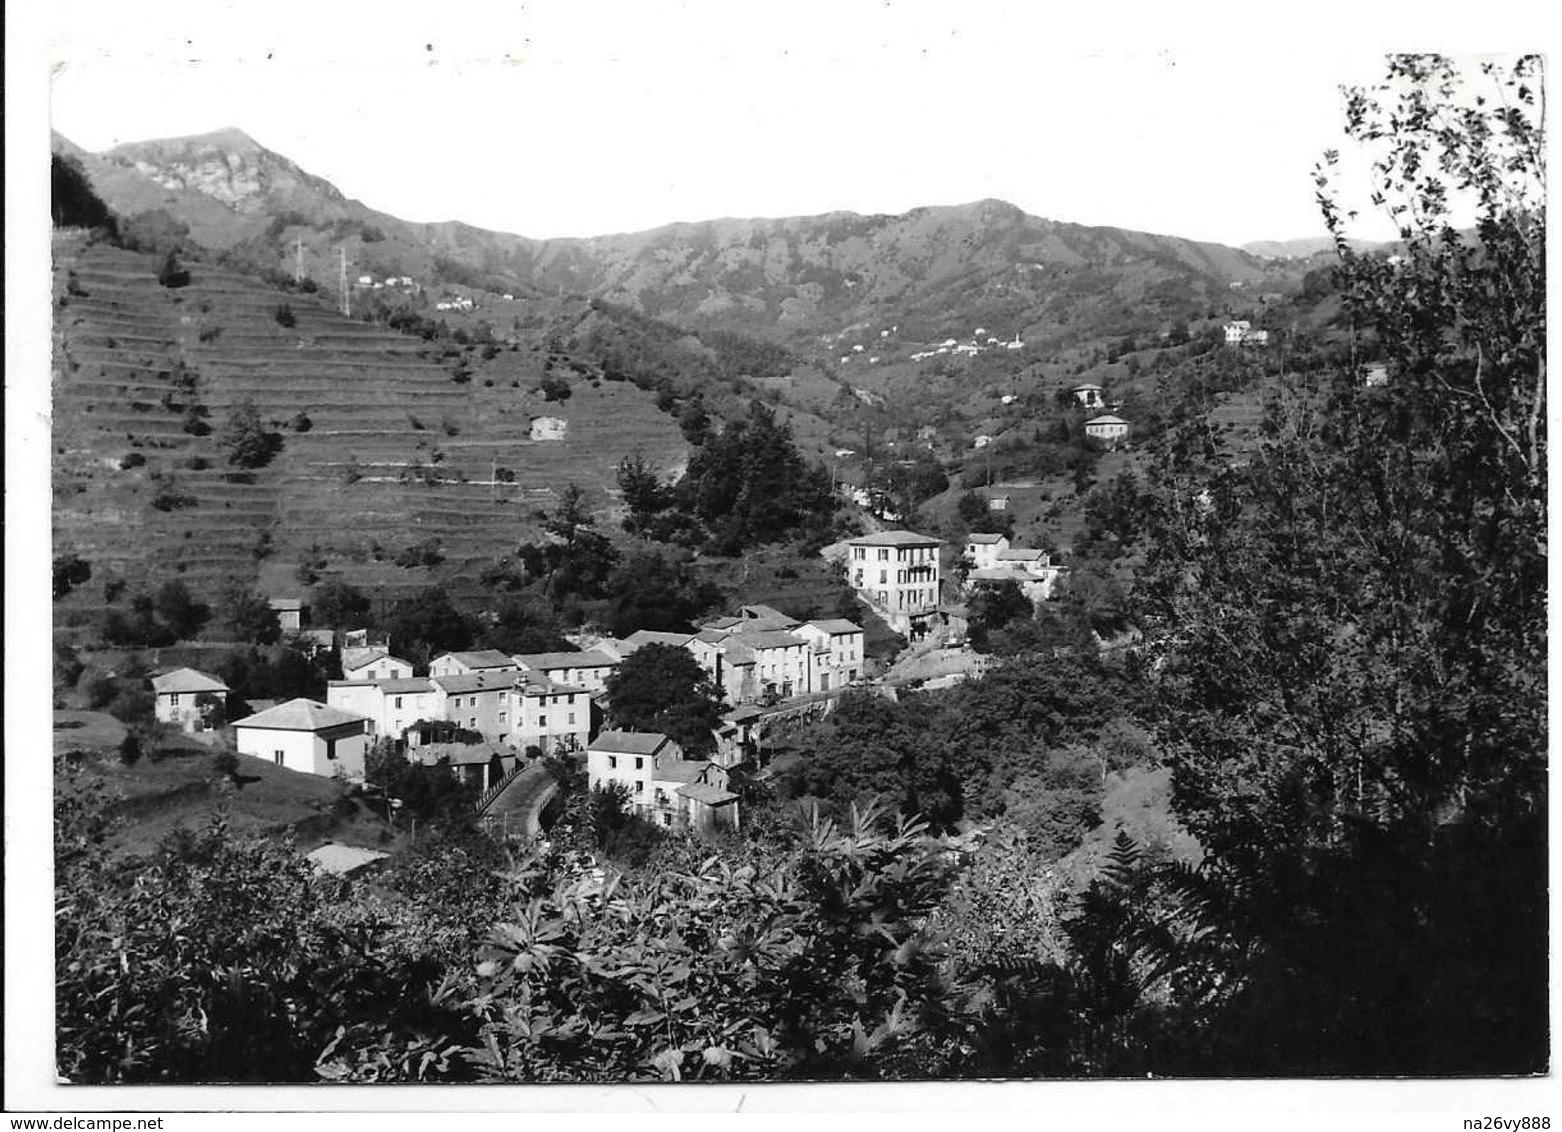 Ferriere Di Lumarzo (Genova). Panorama. - Genova (Genoa)